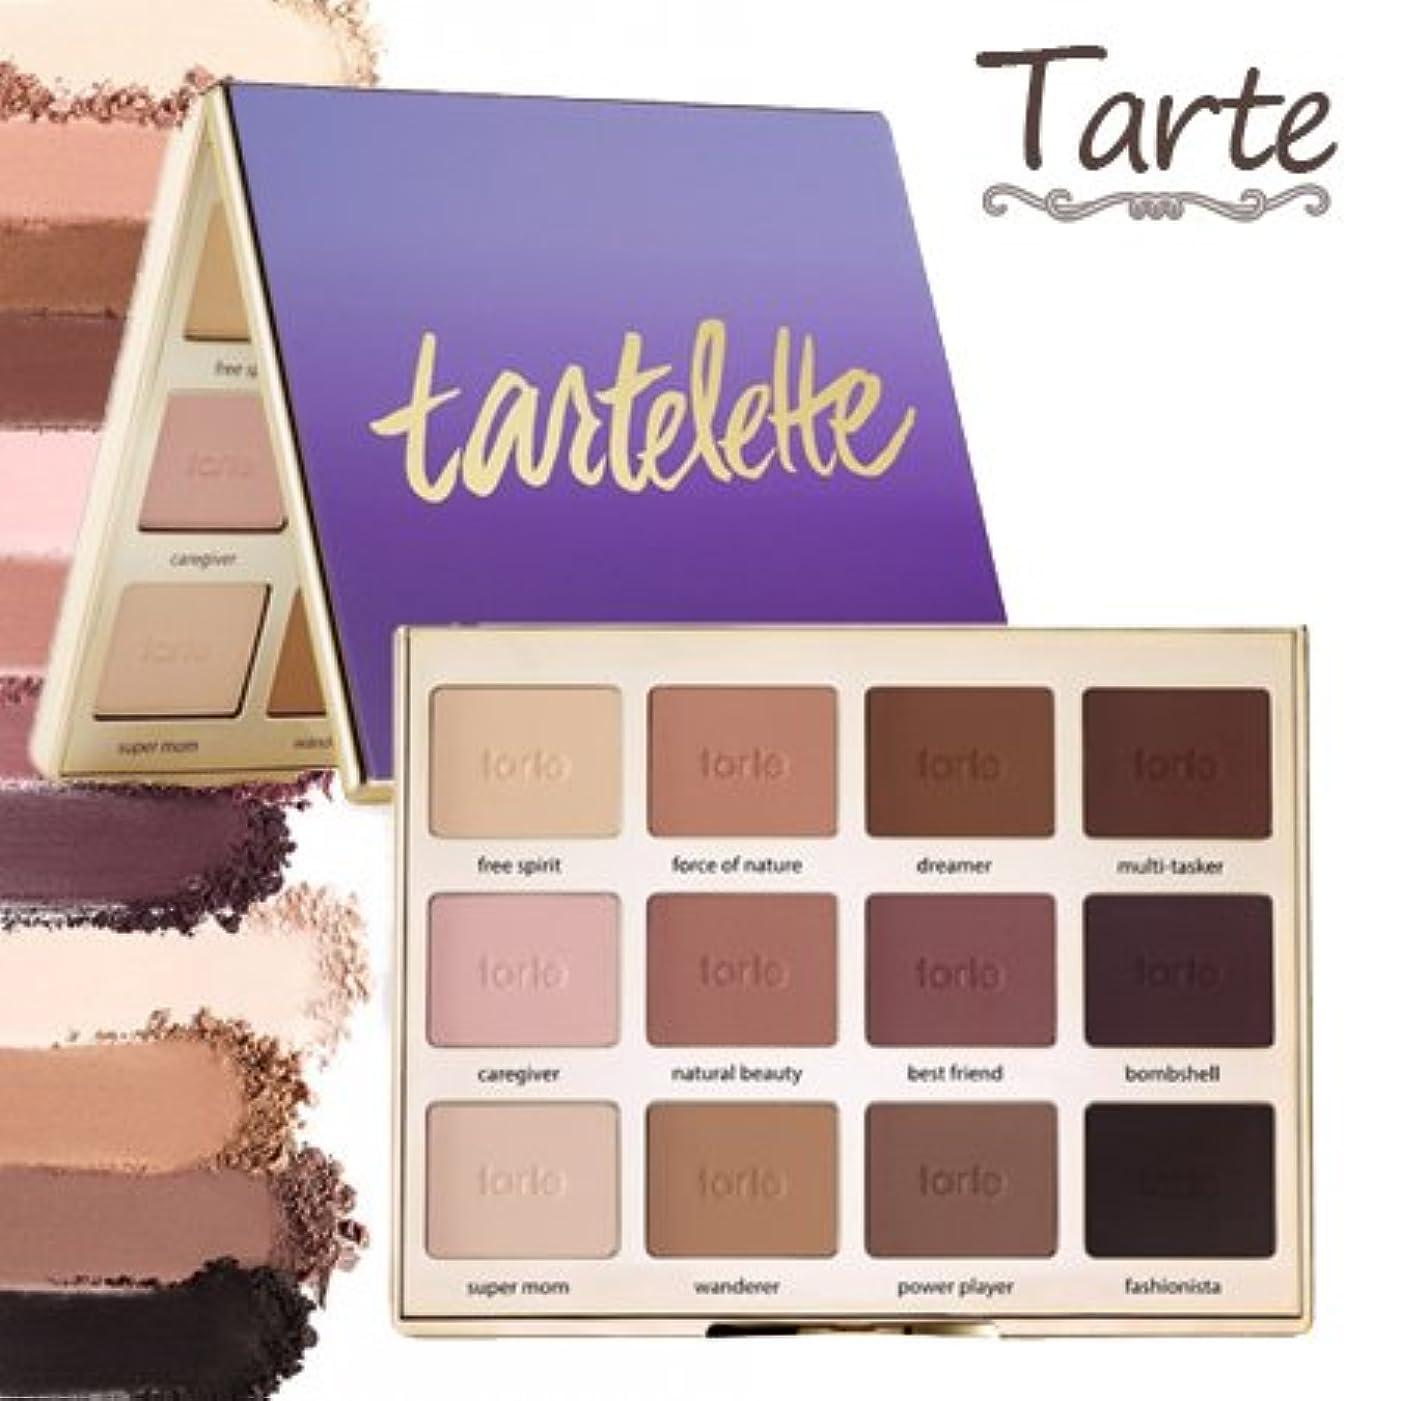 移行するオペレーター辛なタルト Tarte Tartelette Amazonian clay matte palette アイシャドウ パレット 12色 【並行輸入品】